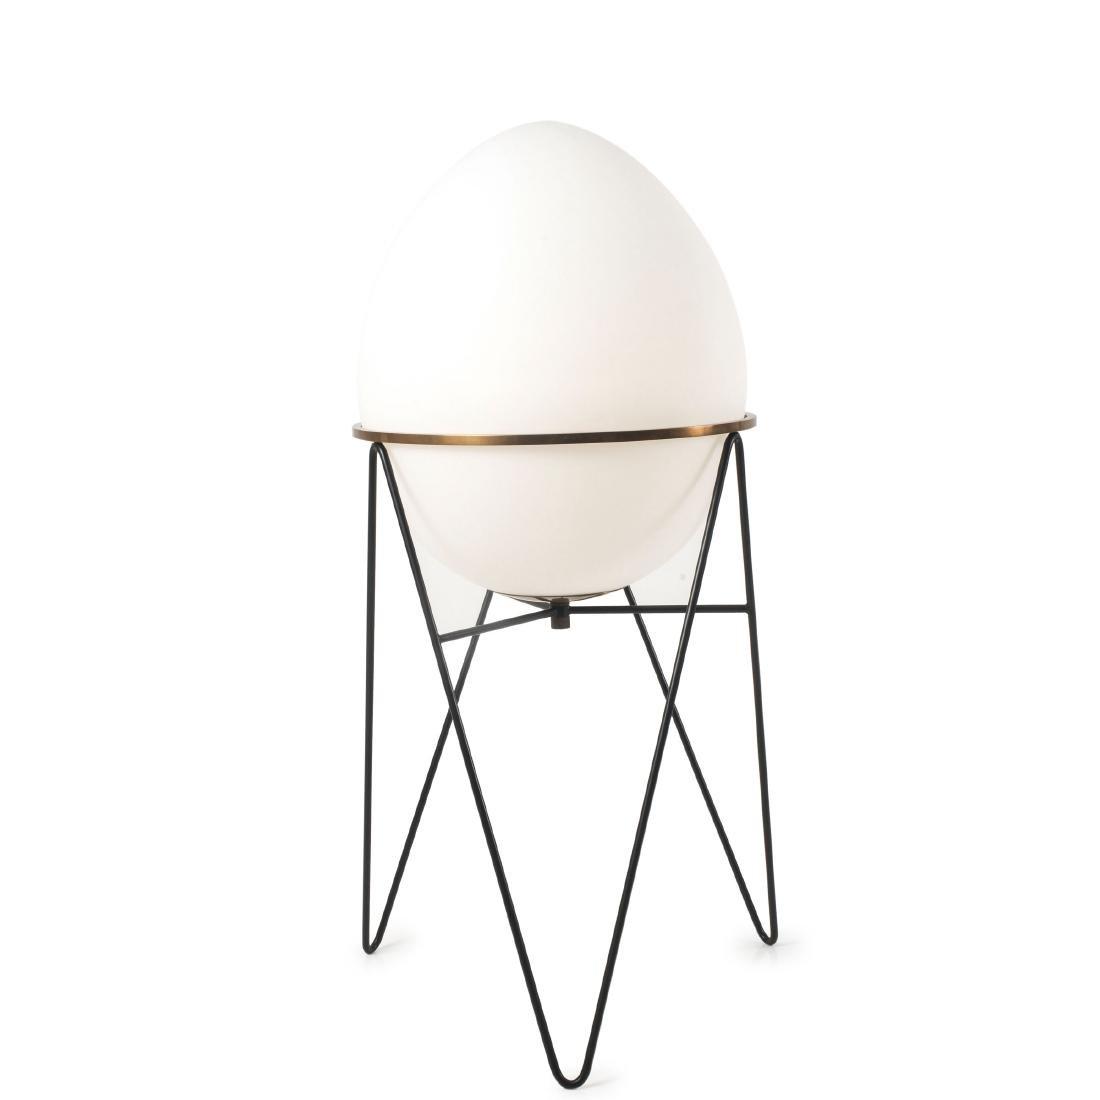 'Egg' floor lamp, c1958 - 3